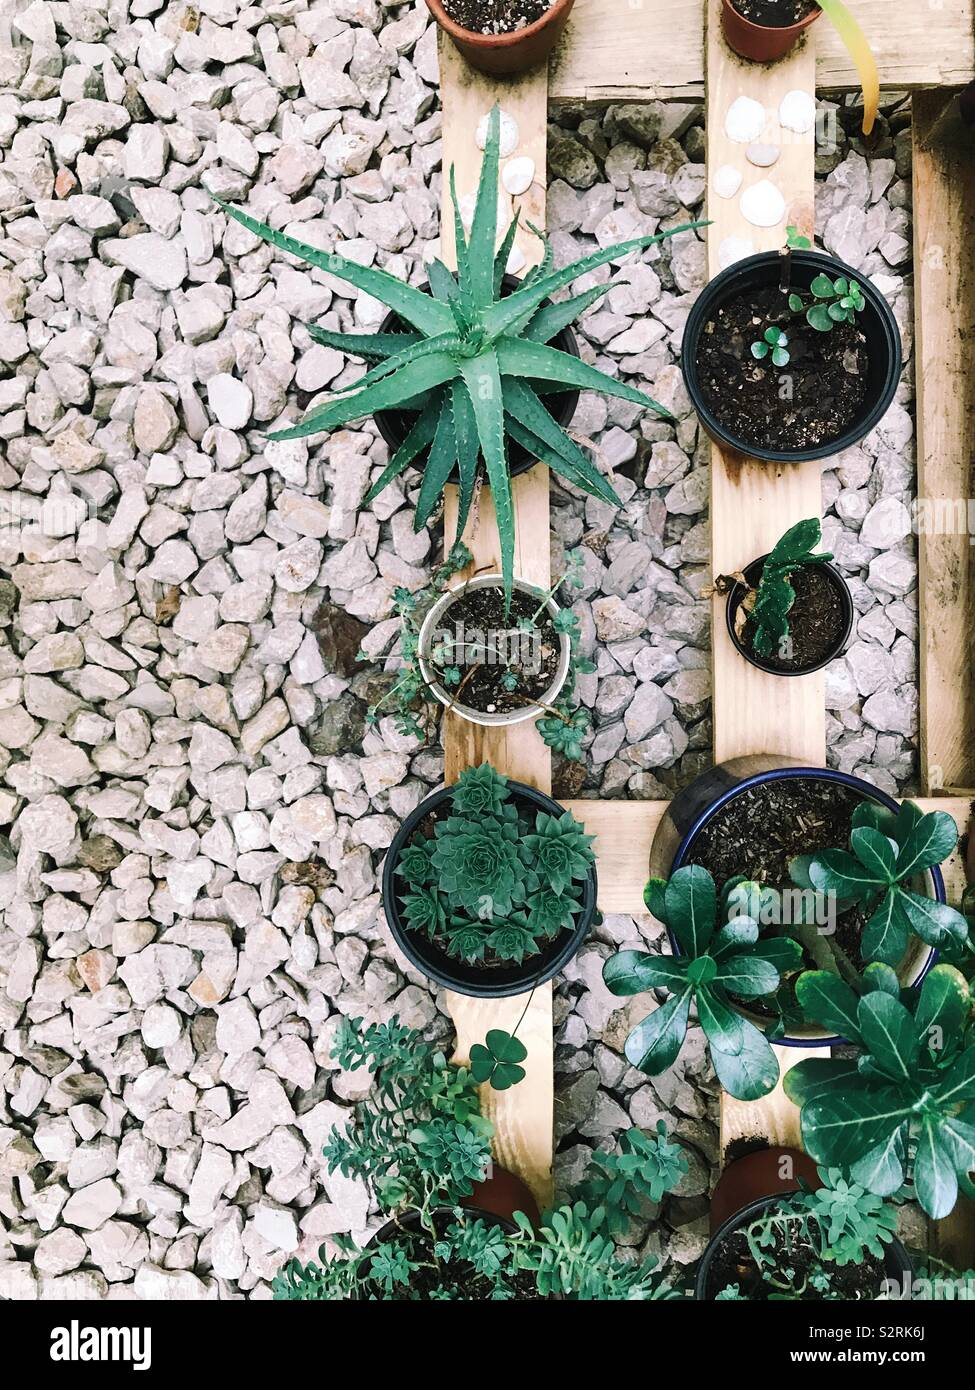 Grupo de plantas suculentas en una bandeja de madera y suelo de grava (vertical). Aloe, hecheveria, y otros. Oaxaca de Juárez, Oaxaca, México. 4 de julio de 2019 Imagen De Stock